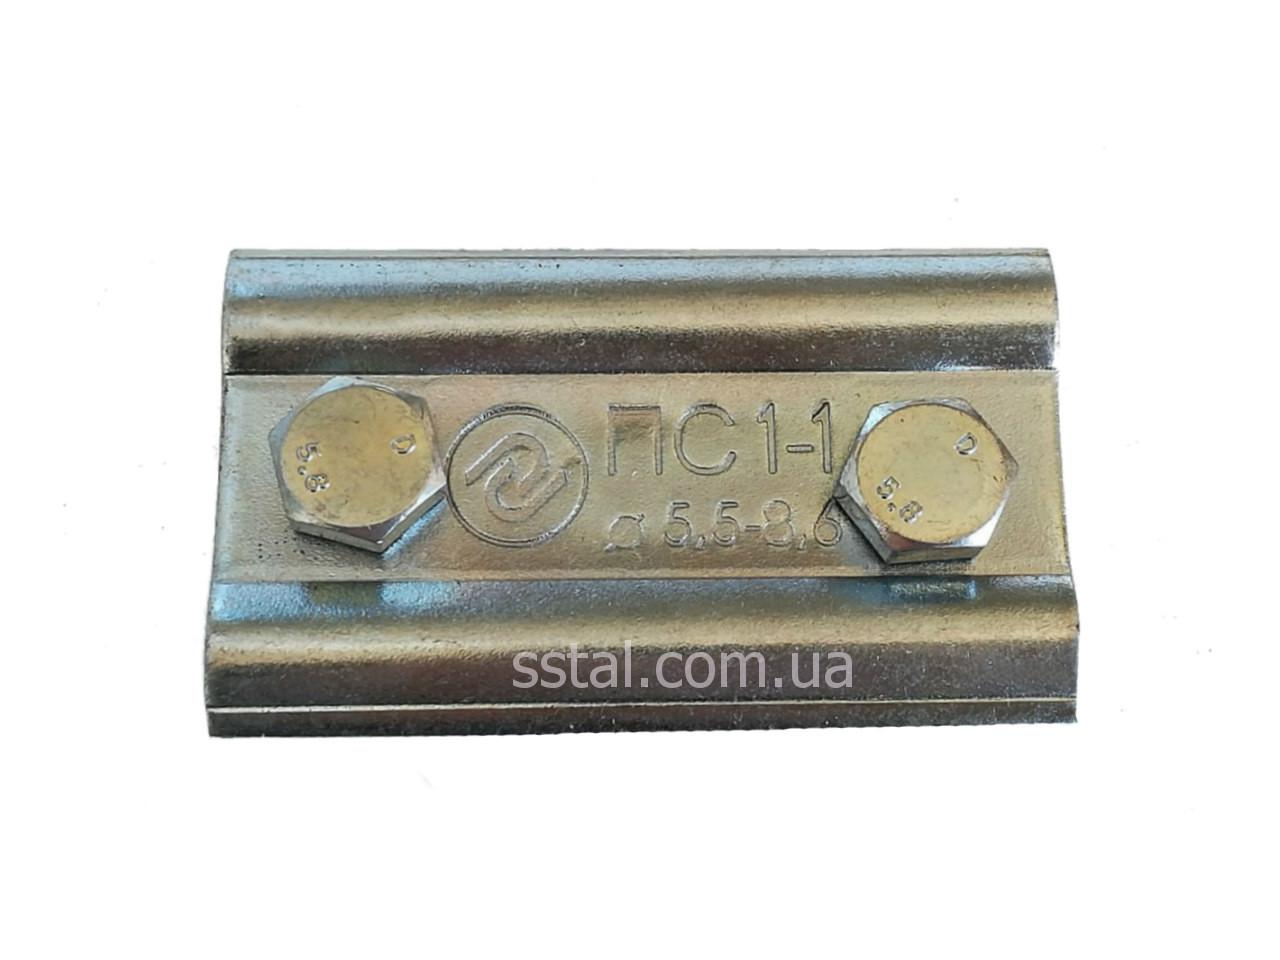 Затискач плашковий ПС-1-1(заземлення)